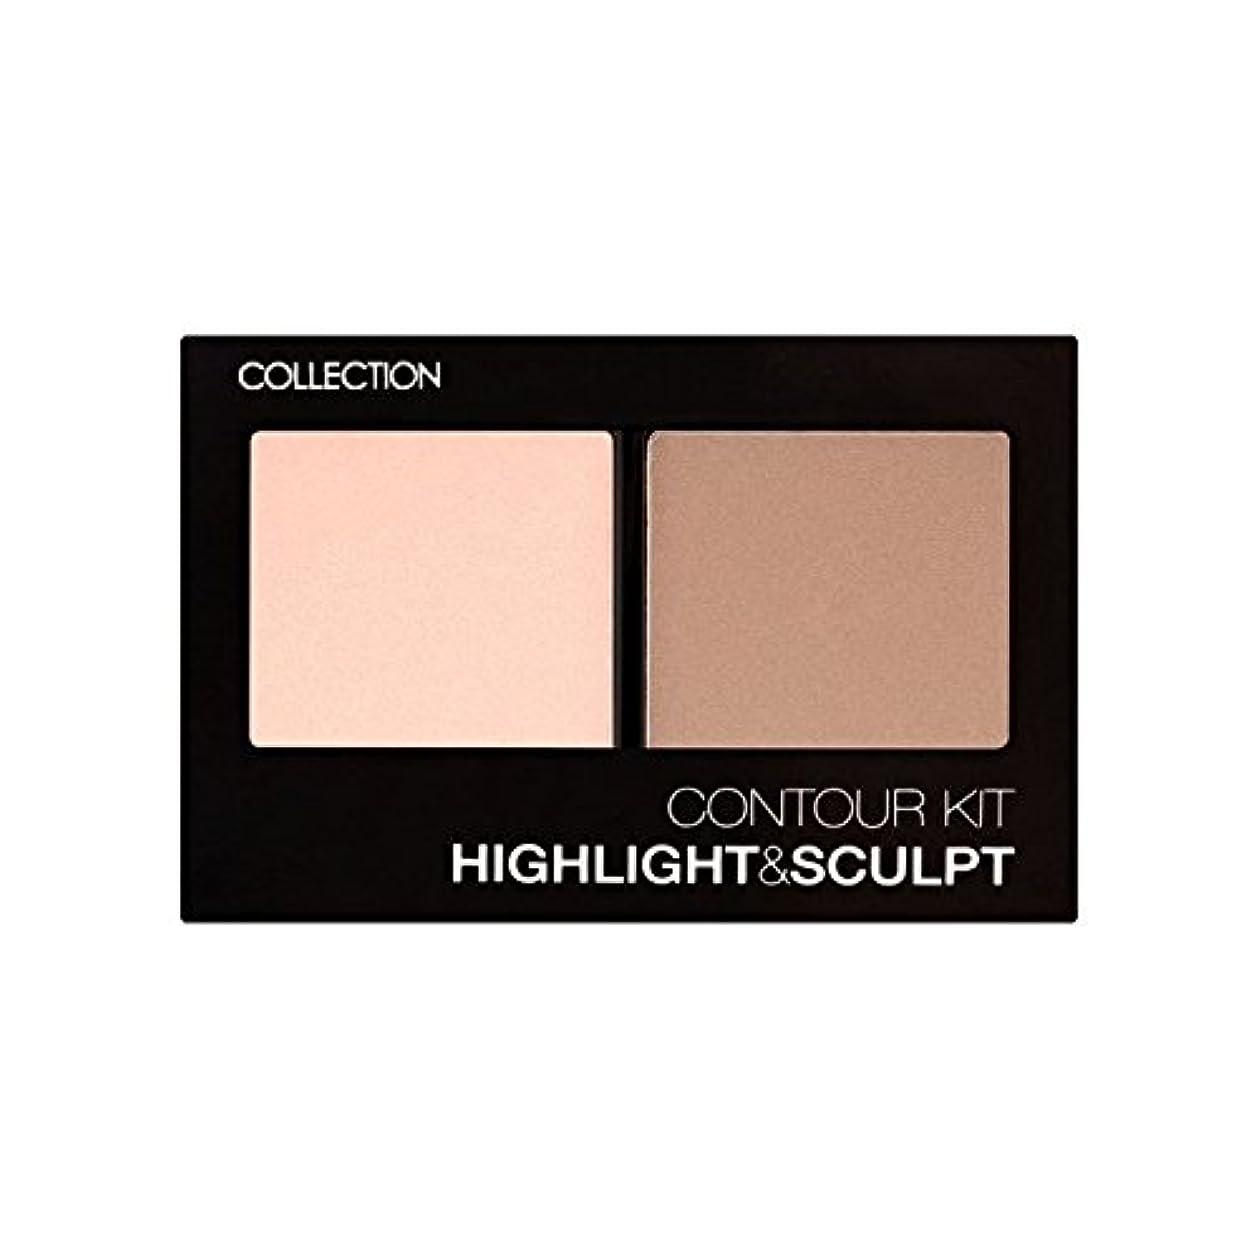 フェミニン必需品収束するCollection Contour Kit Contour Kit 1 - コレクション、輪郭キット輪郭キット1 [並行輸入品]